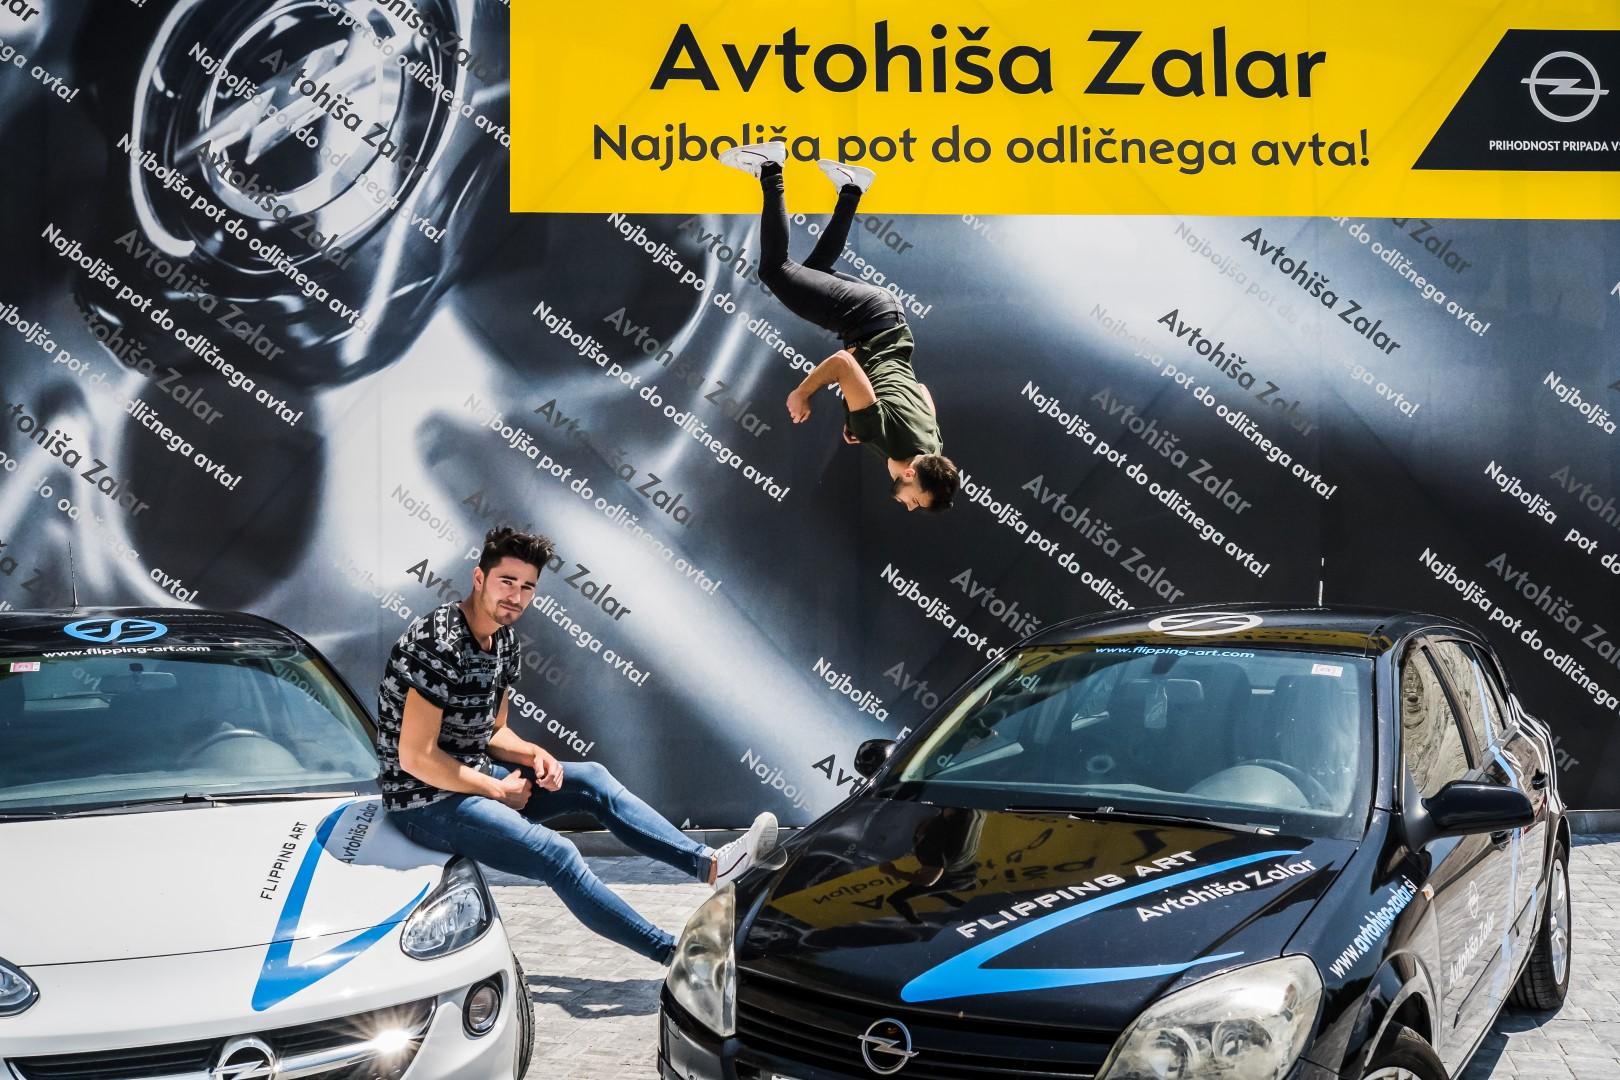 avtohisa-zalar-flipping-art-z-roko-v-roki-opel-adam-tim-nuc-luka-avgustin-simona-zalar-ciril-sponzorsko-vozilo (22)